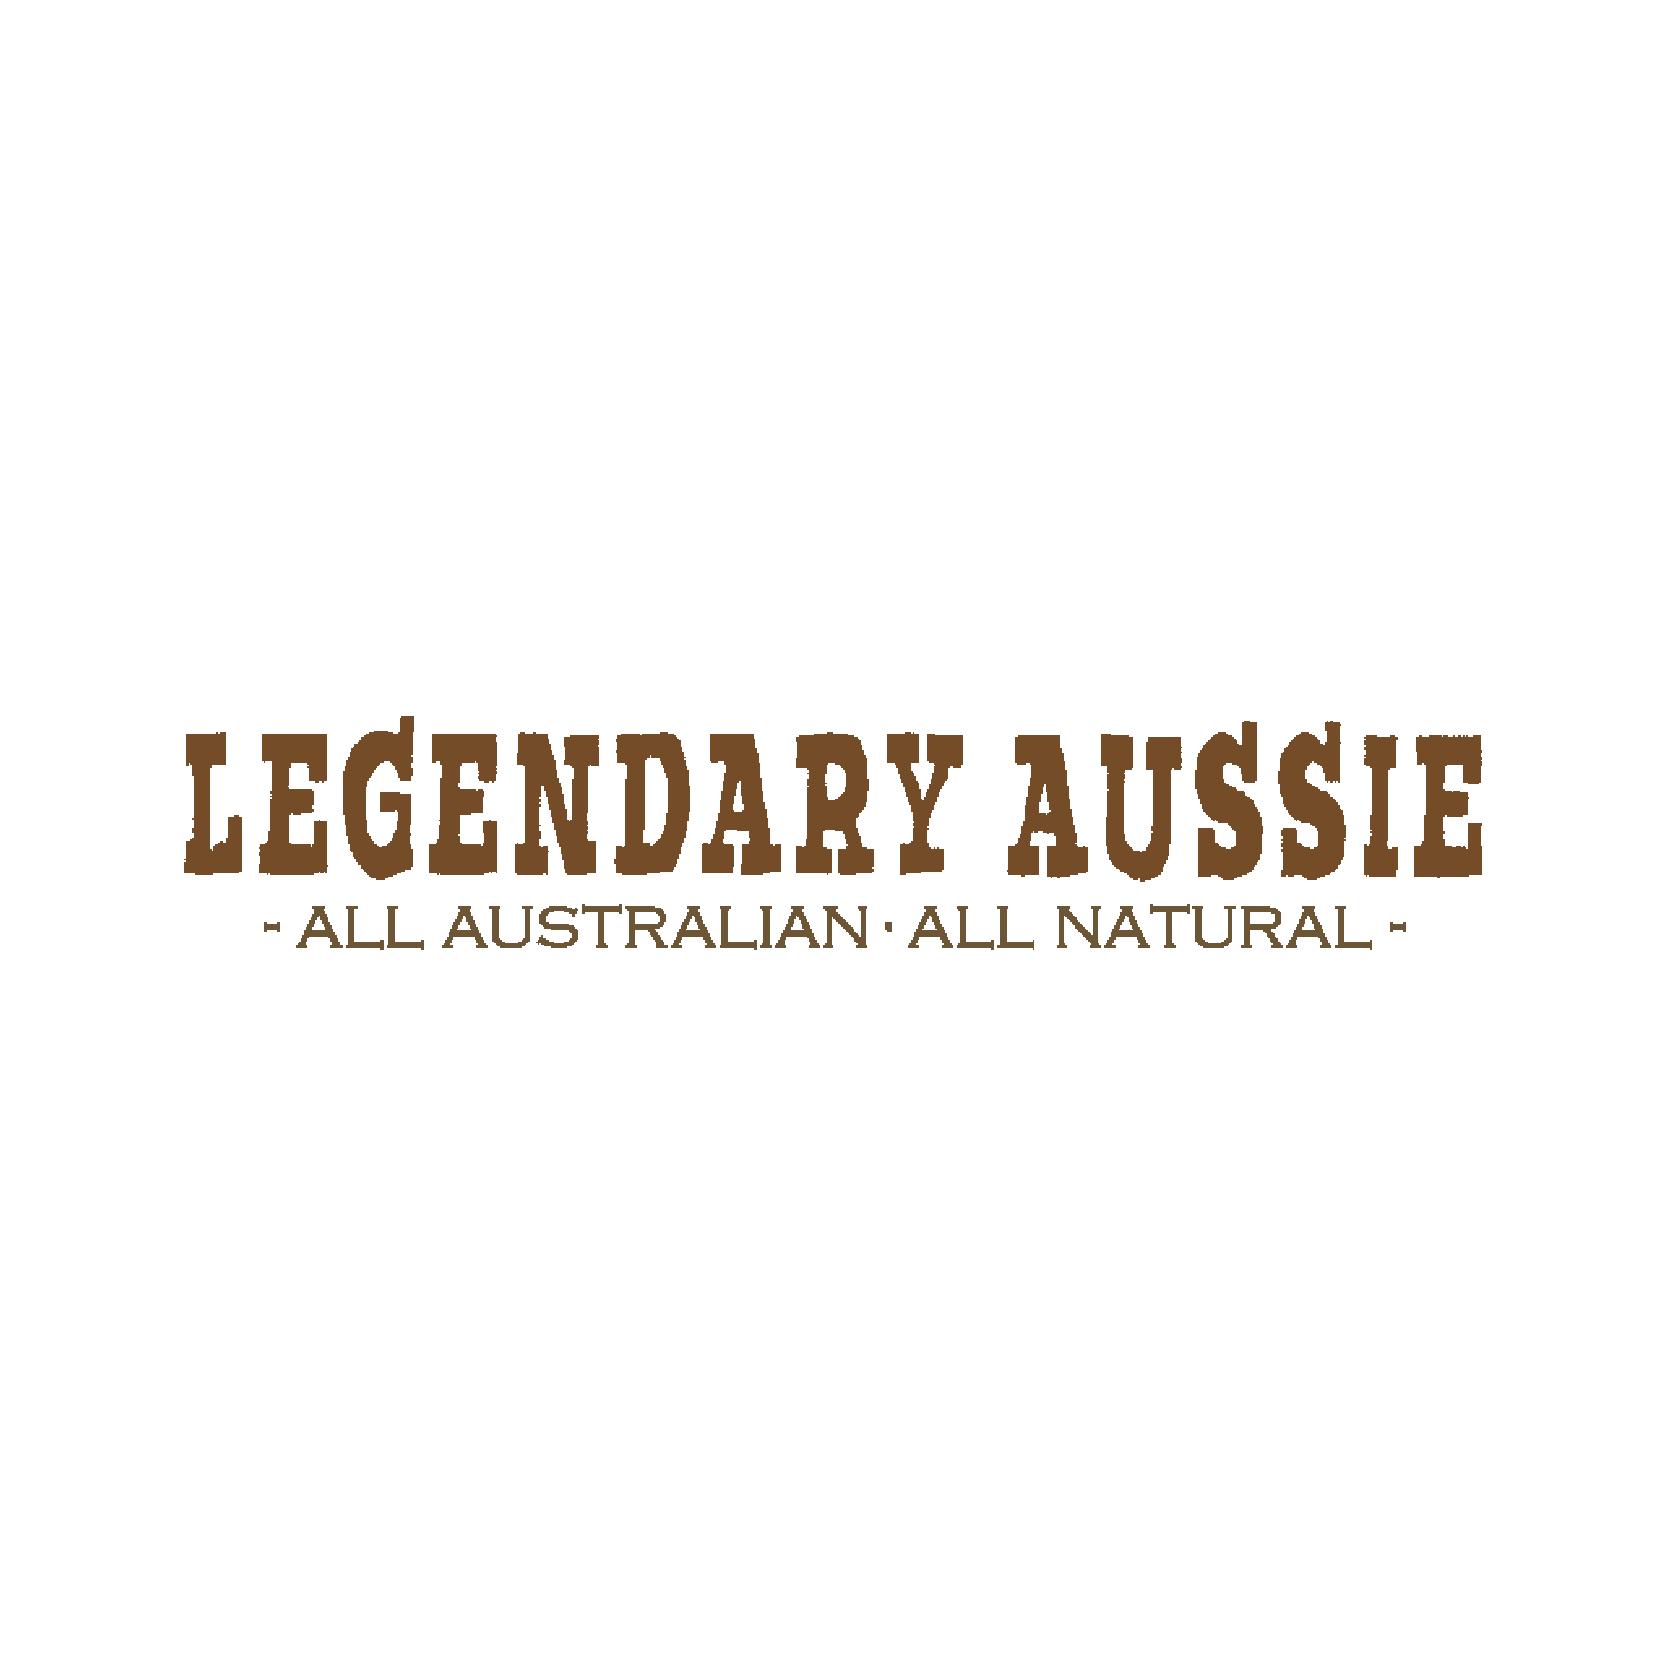 legendary-aussie-01.png